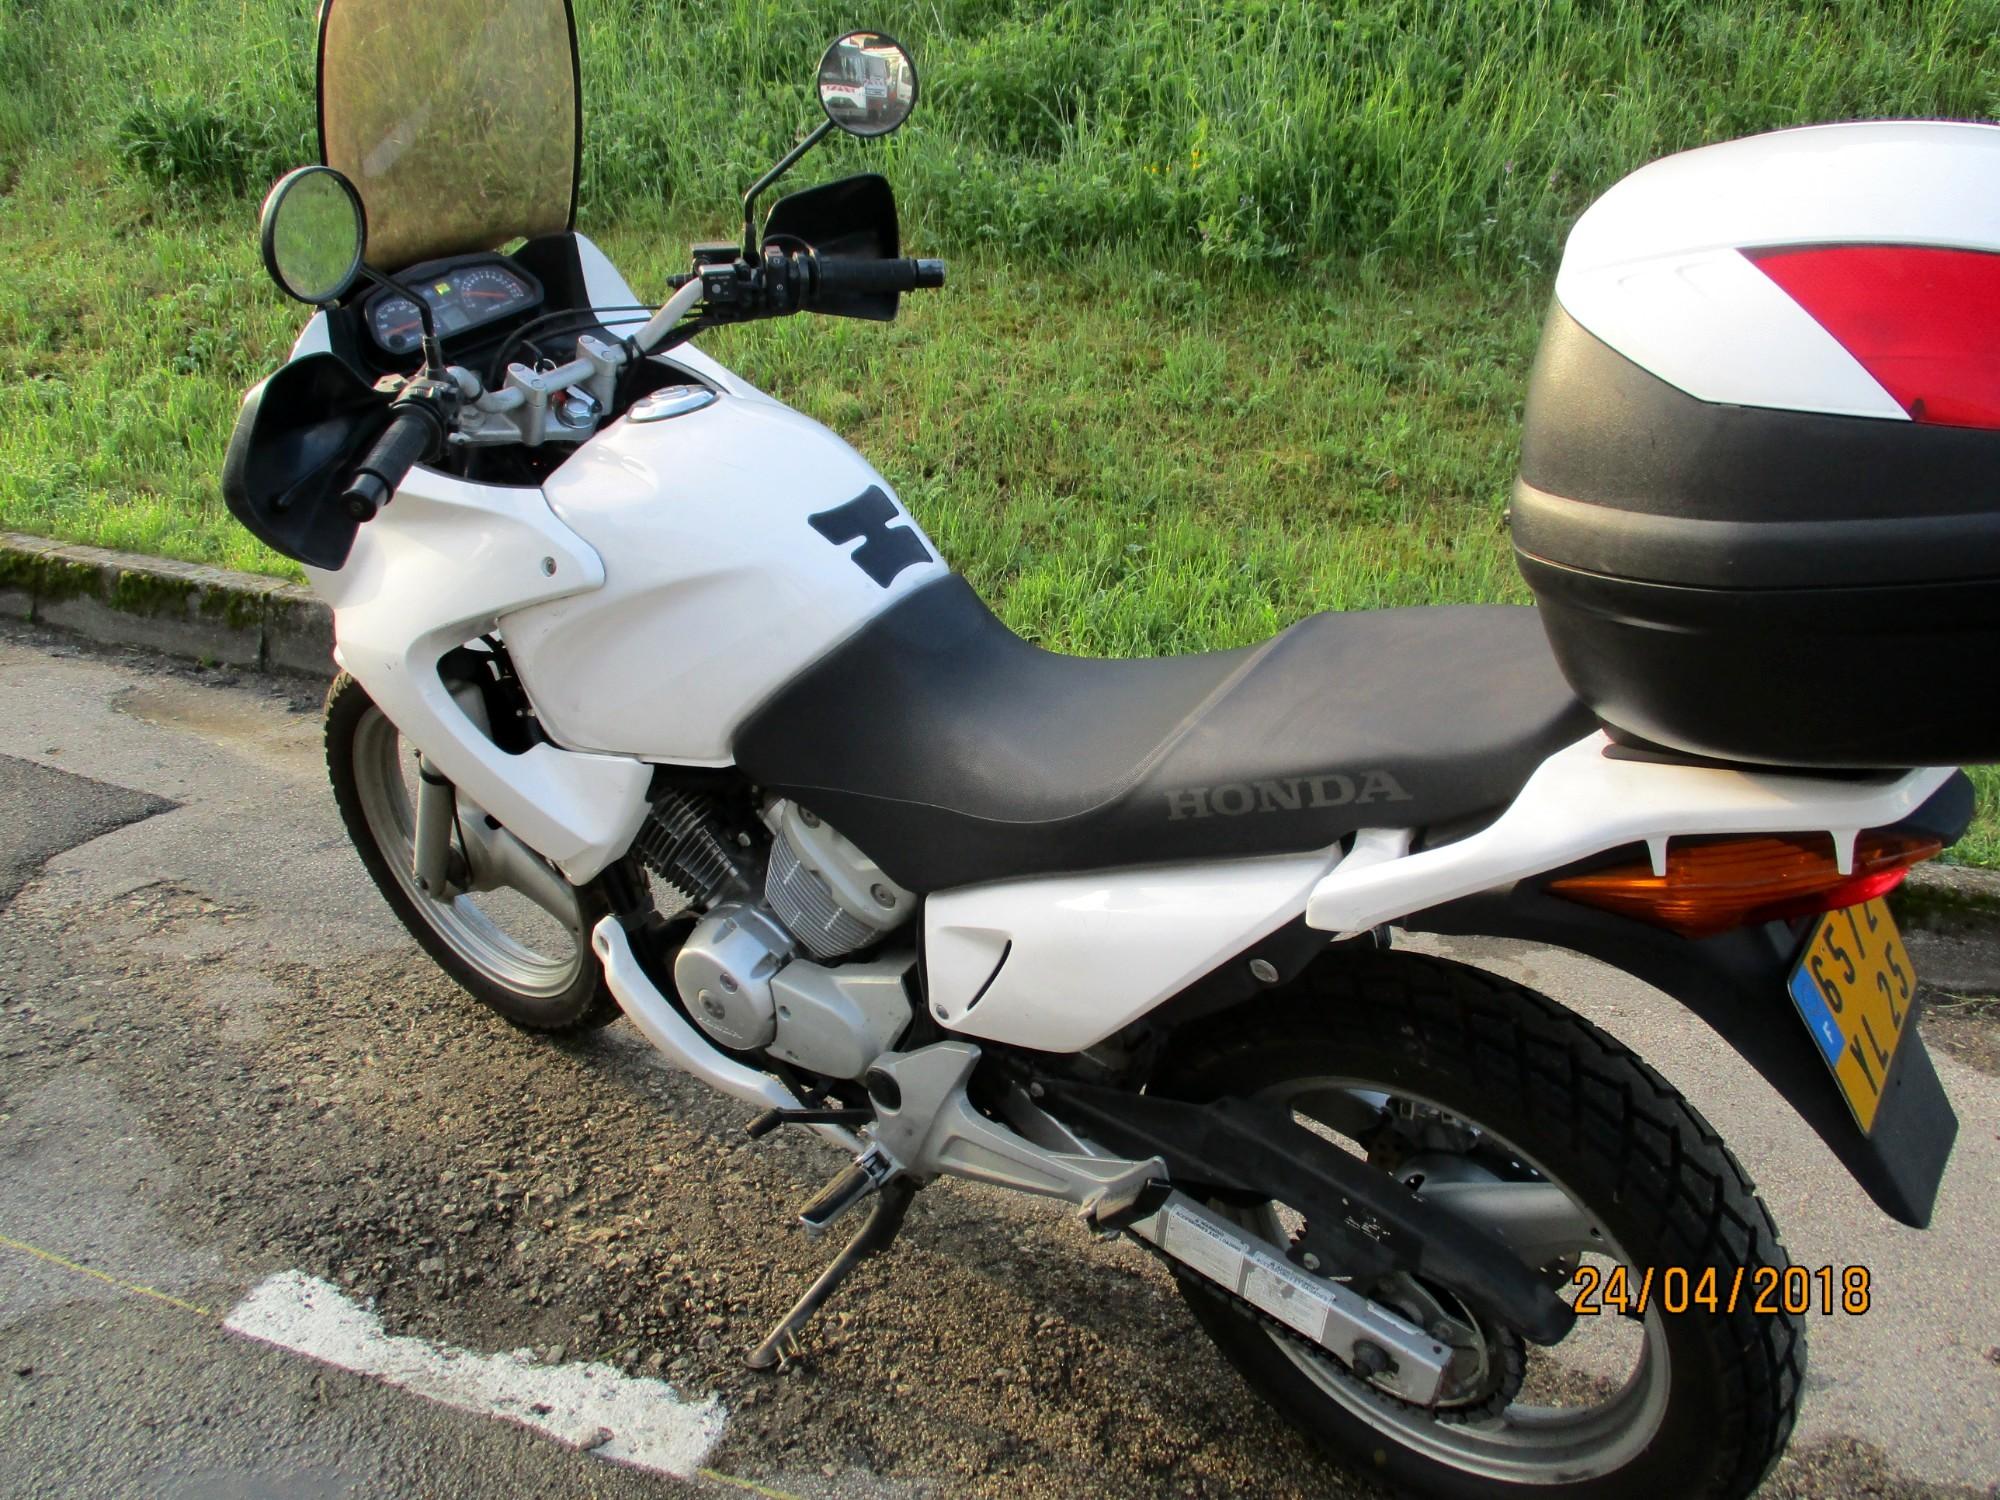 moto honda 125cm3 par 0965 moto scooter 2 roues d 39 occasion aux ench res agorastore. Black Bedroom Furniture Sets. Home Design Ideas